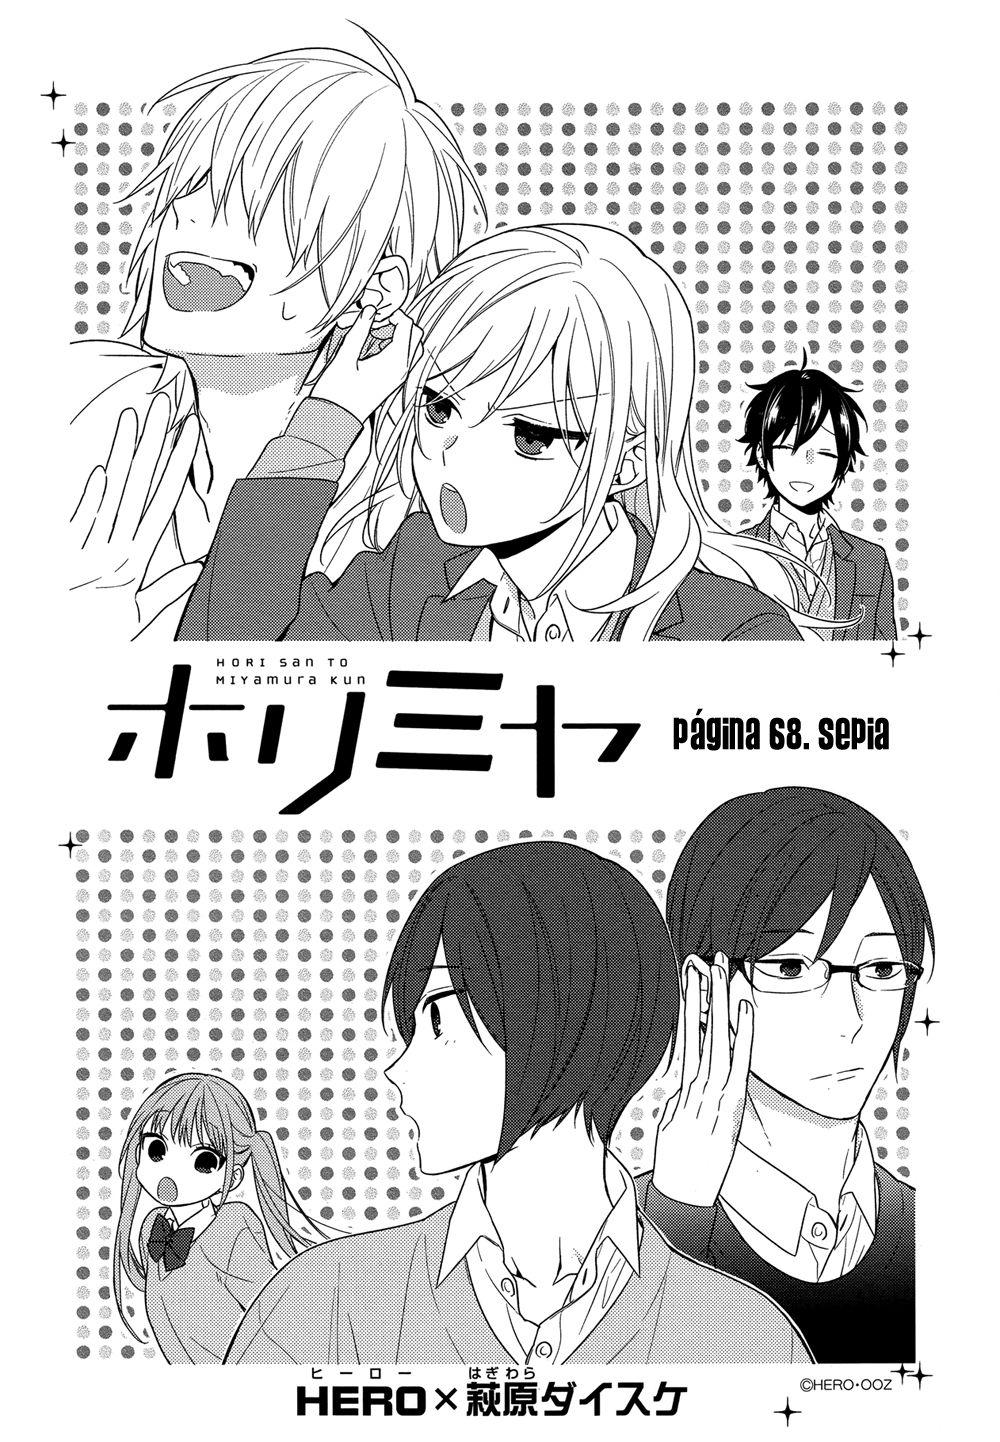 http://c5.ninemanga.com/es_manga/pic2/19/1043/494748/9b39d07008a3550182bafda1ea92f983.jpg Page 7